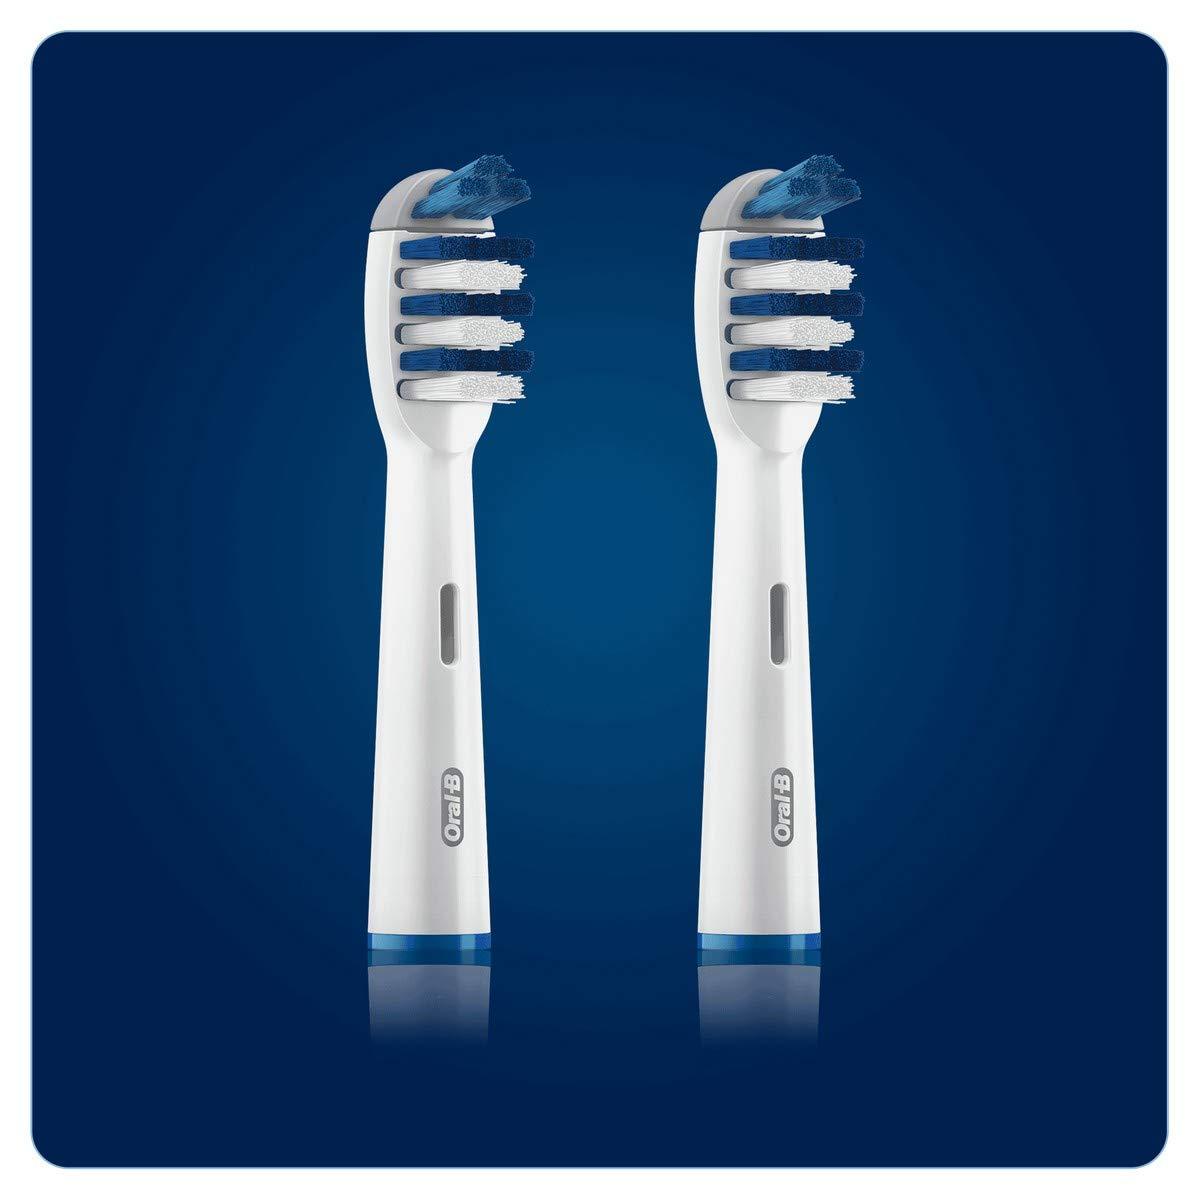 Oral B - Recambio (2 unidades) Trizone Eb 30-2: Amazon.es: Salud y cuidado personal